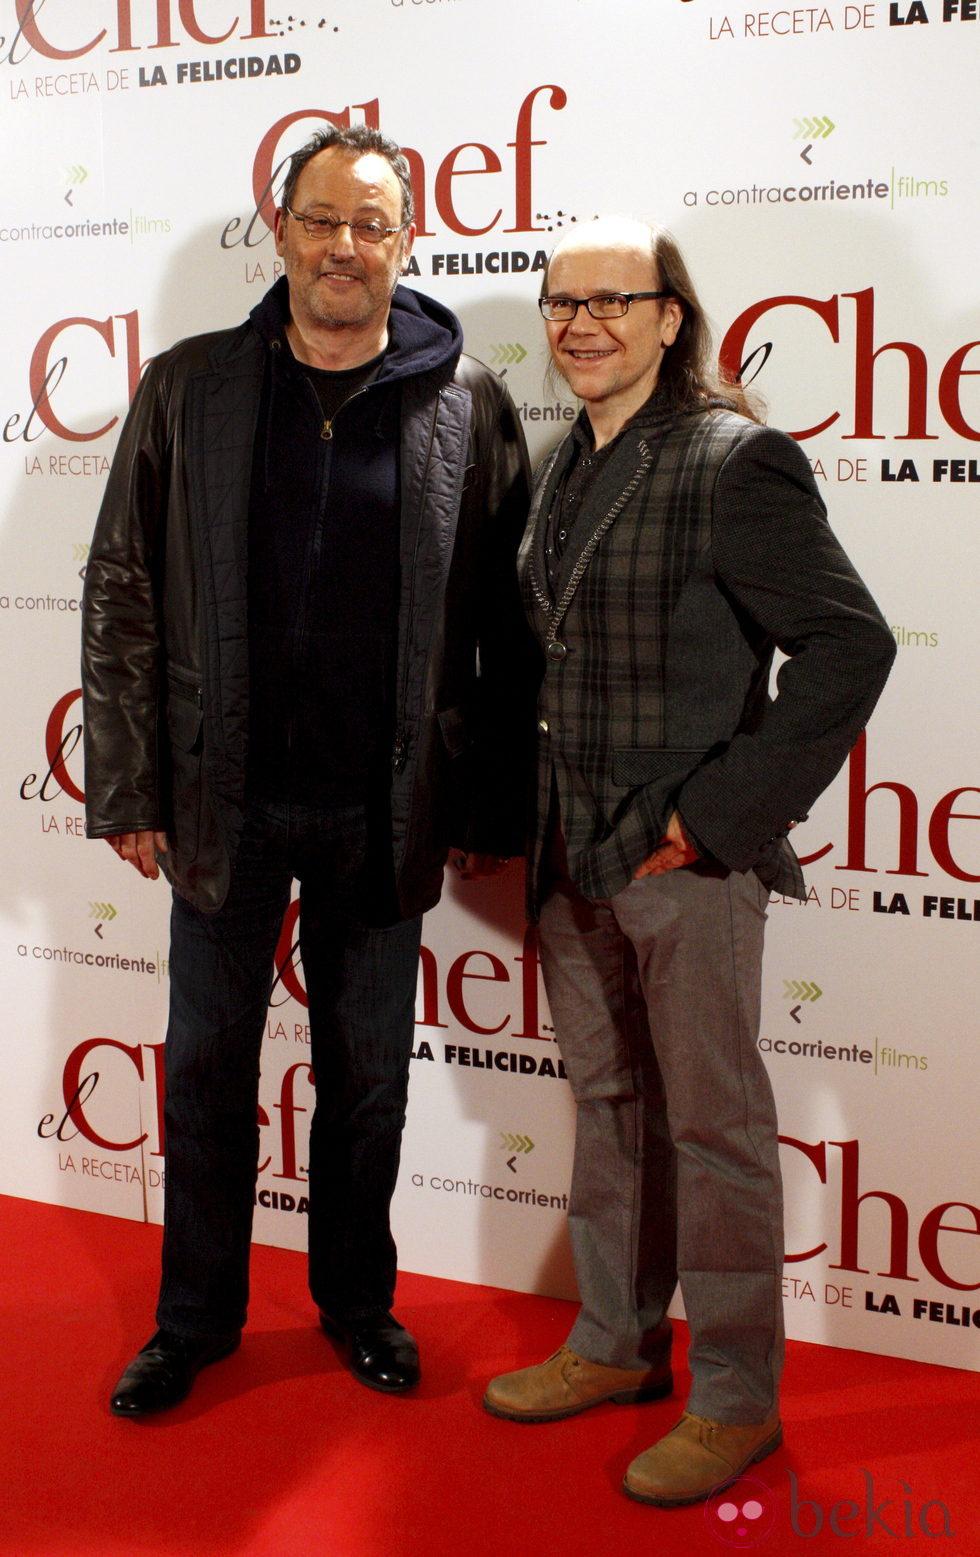 ¿Cuánto mide Jean Reno? - Altura - Real height 32118_jean-reno-segura-estreno-chef-receta-felicidad